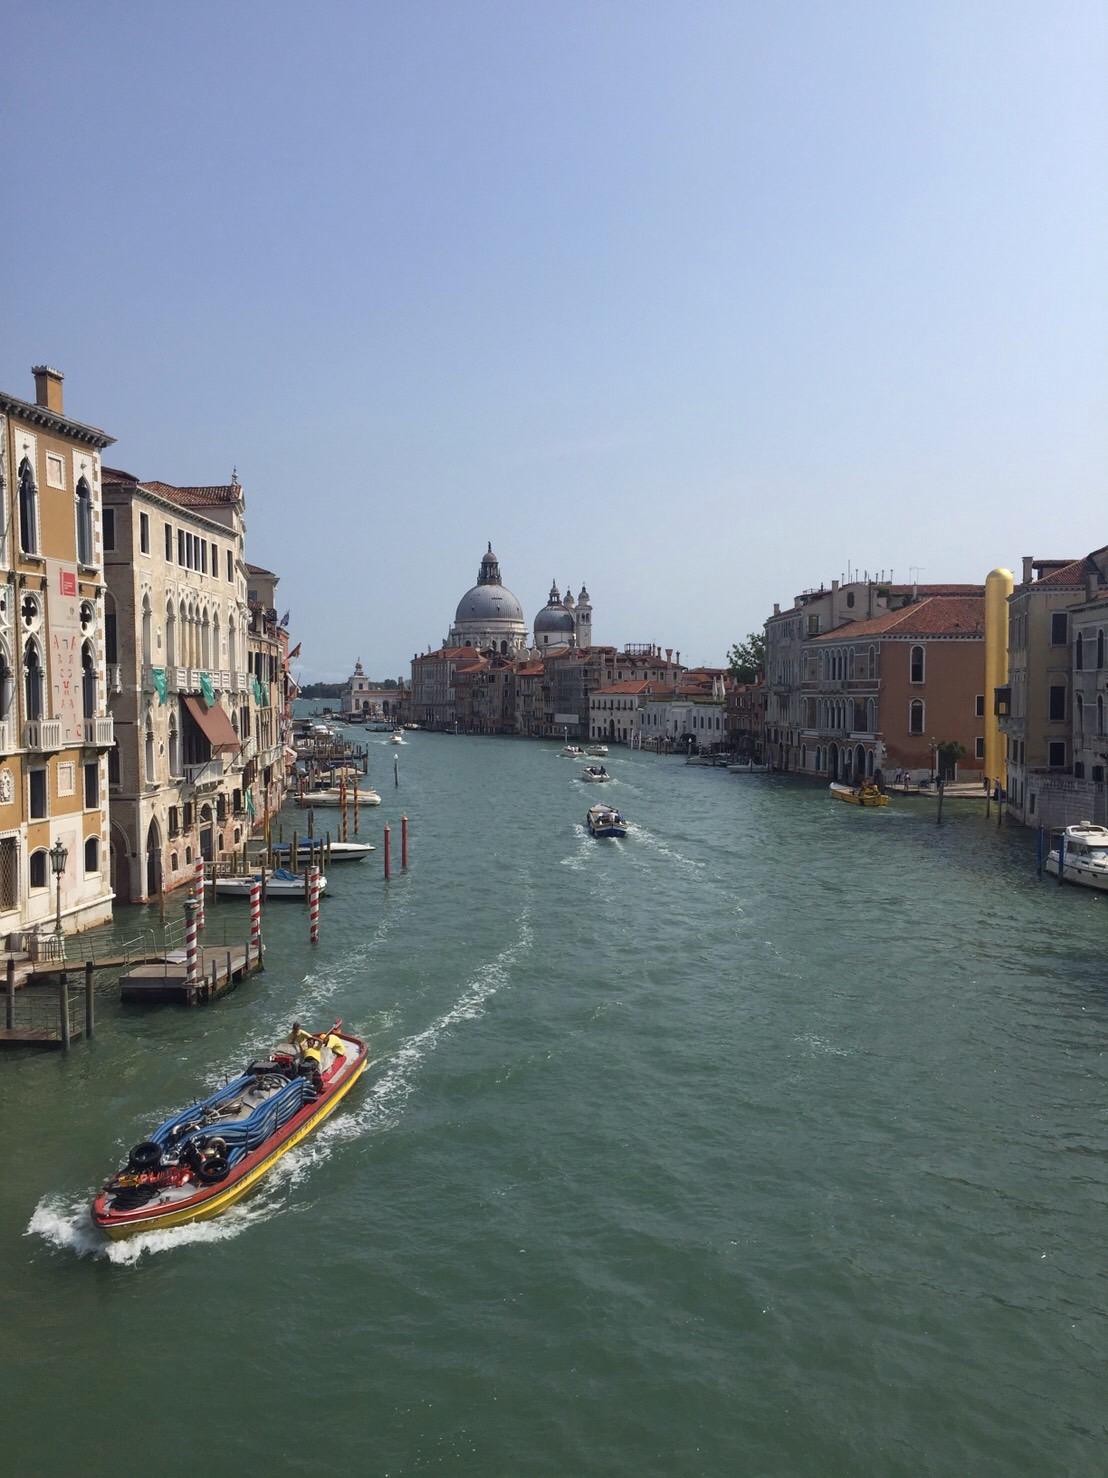 ヴェネチア旅行記